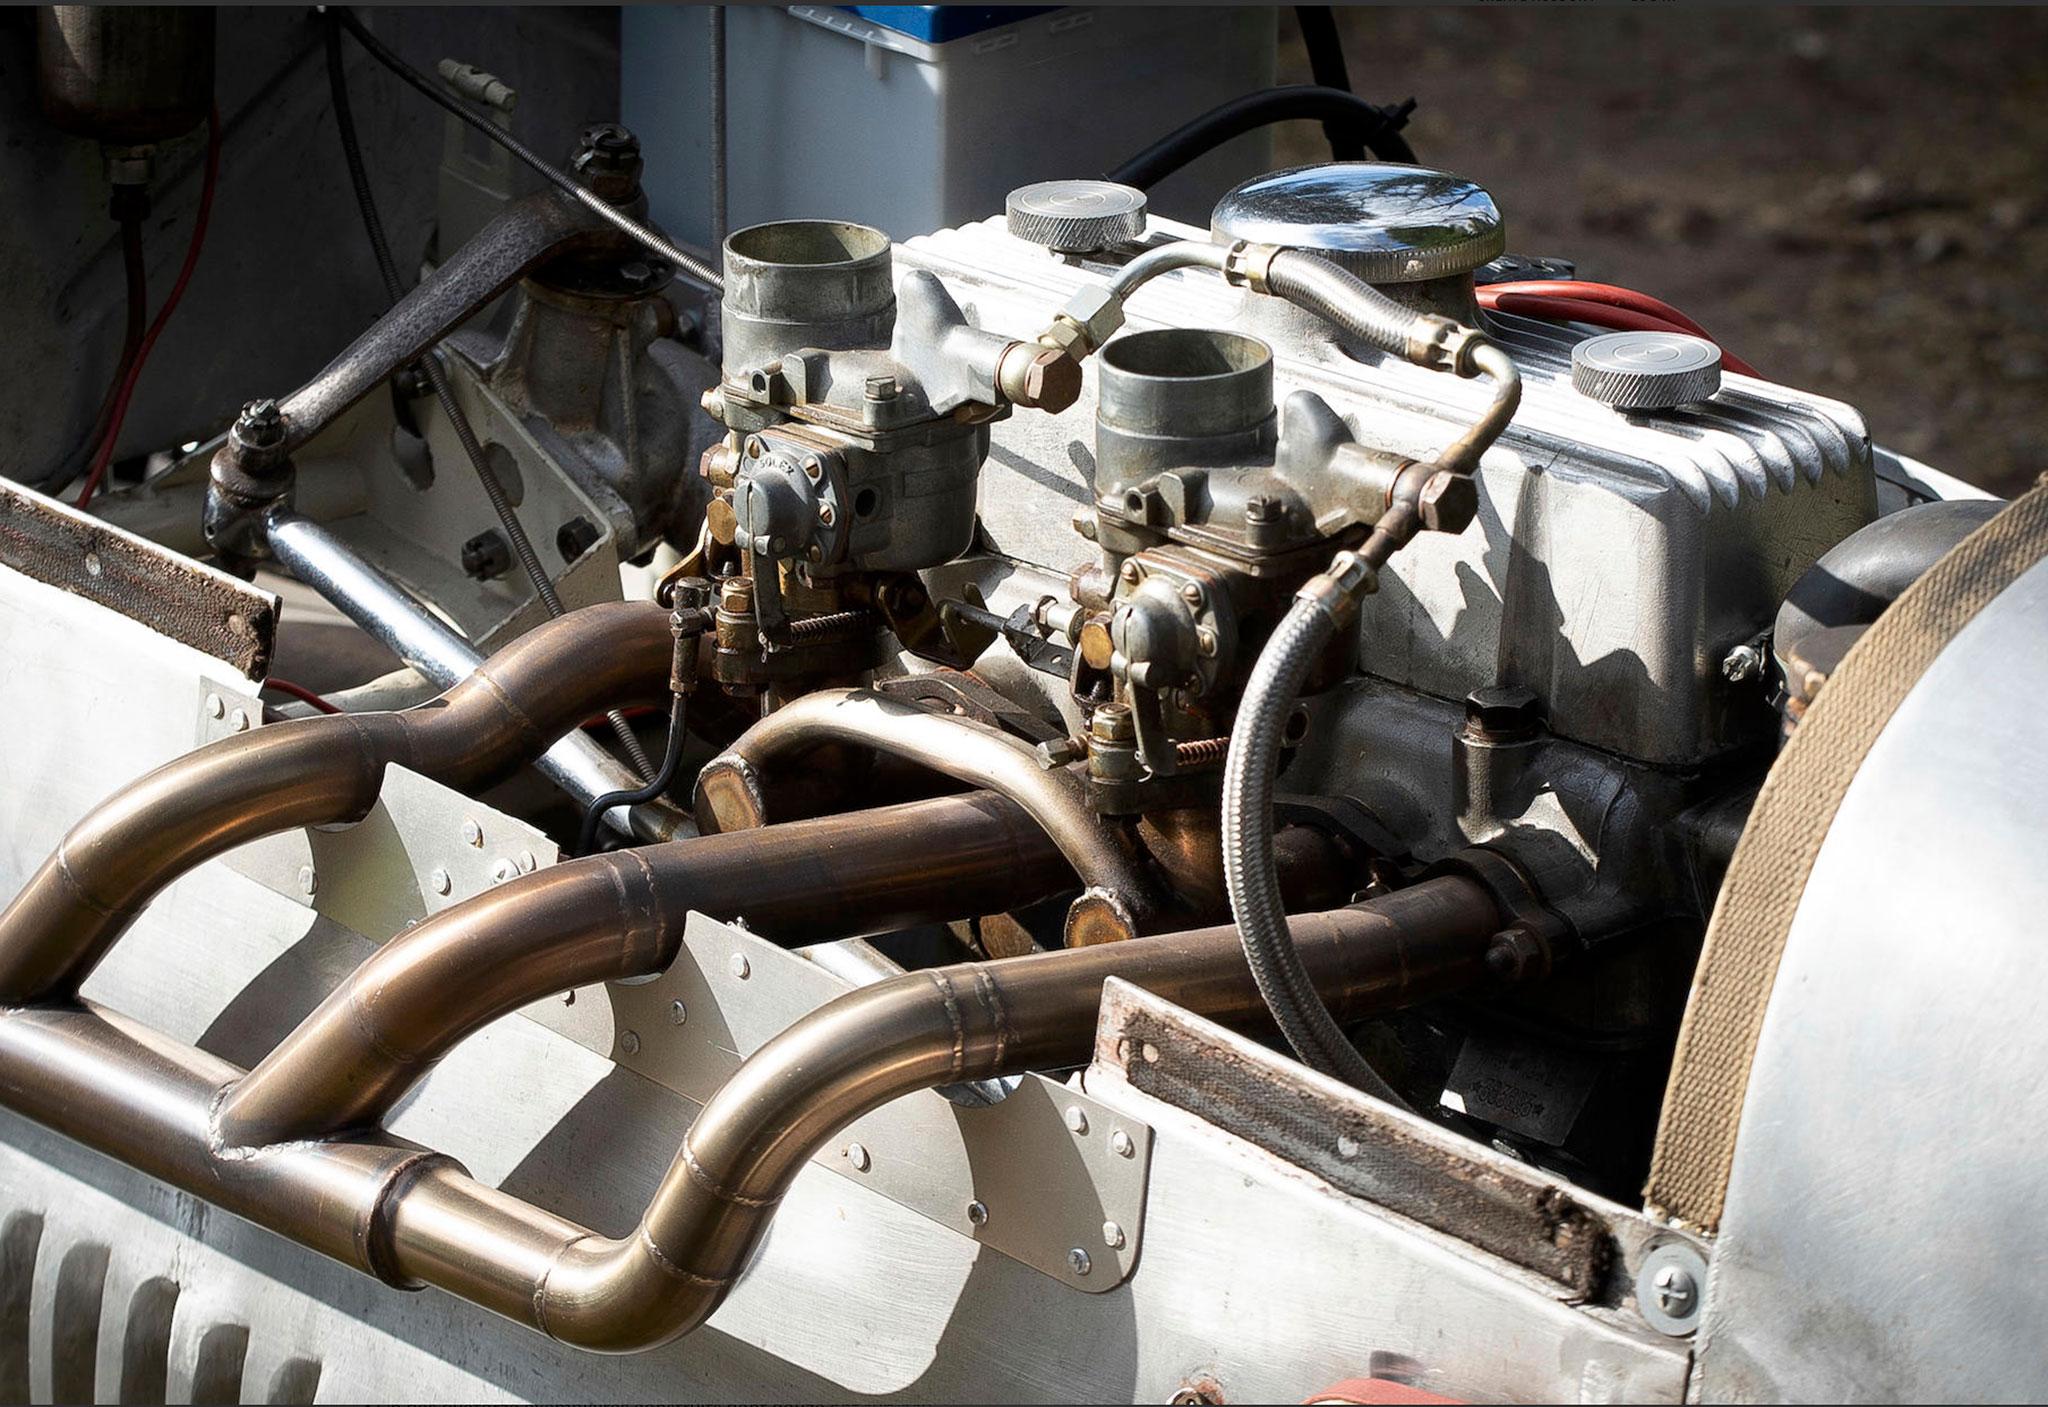 1947 Cisitalia D 46 le moteur actuel est un Fiat 1100B préparé.